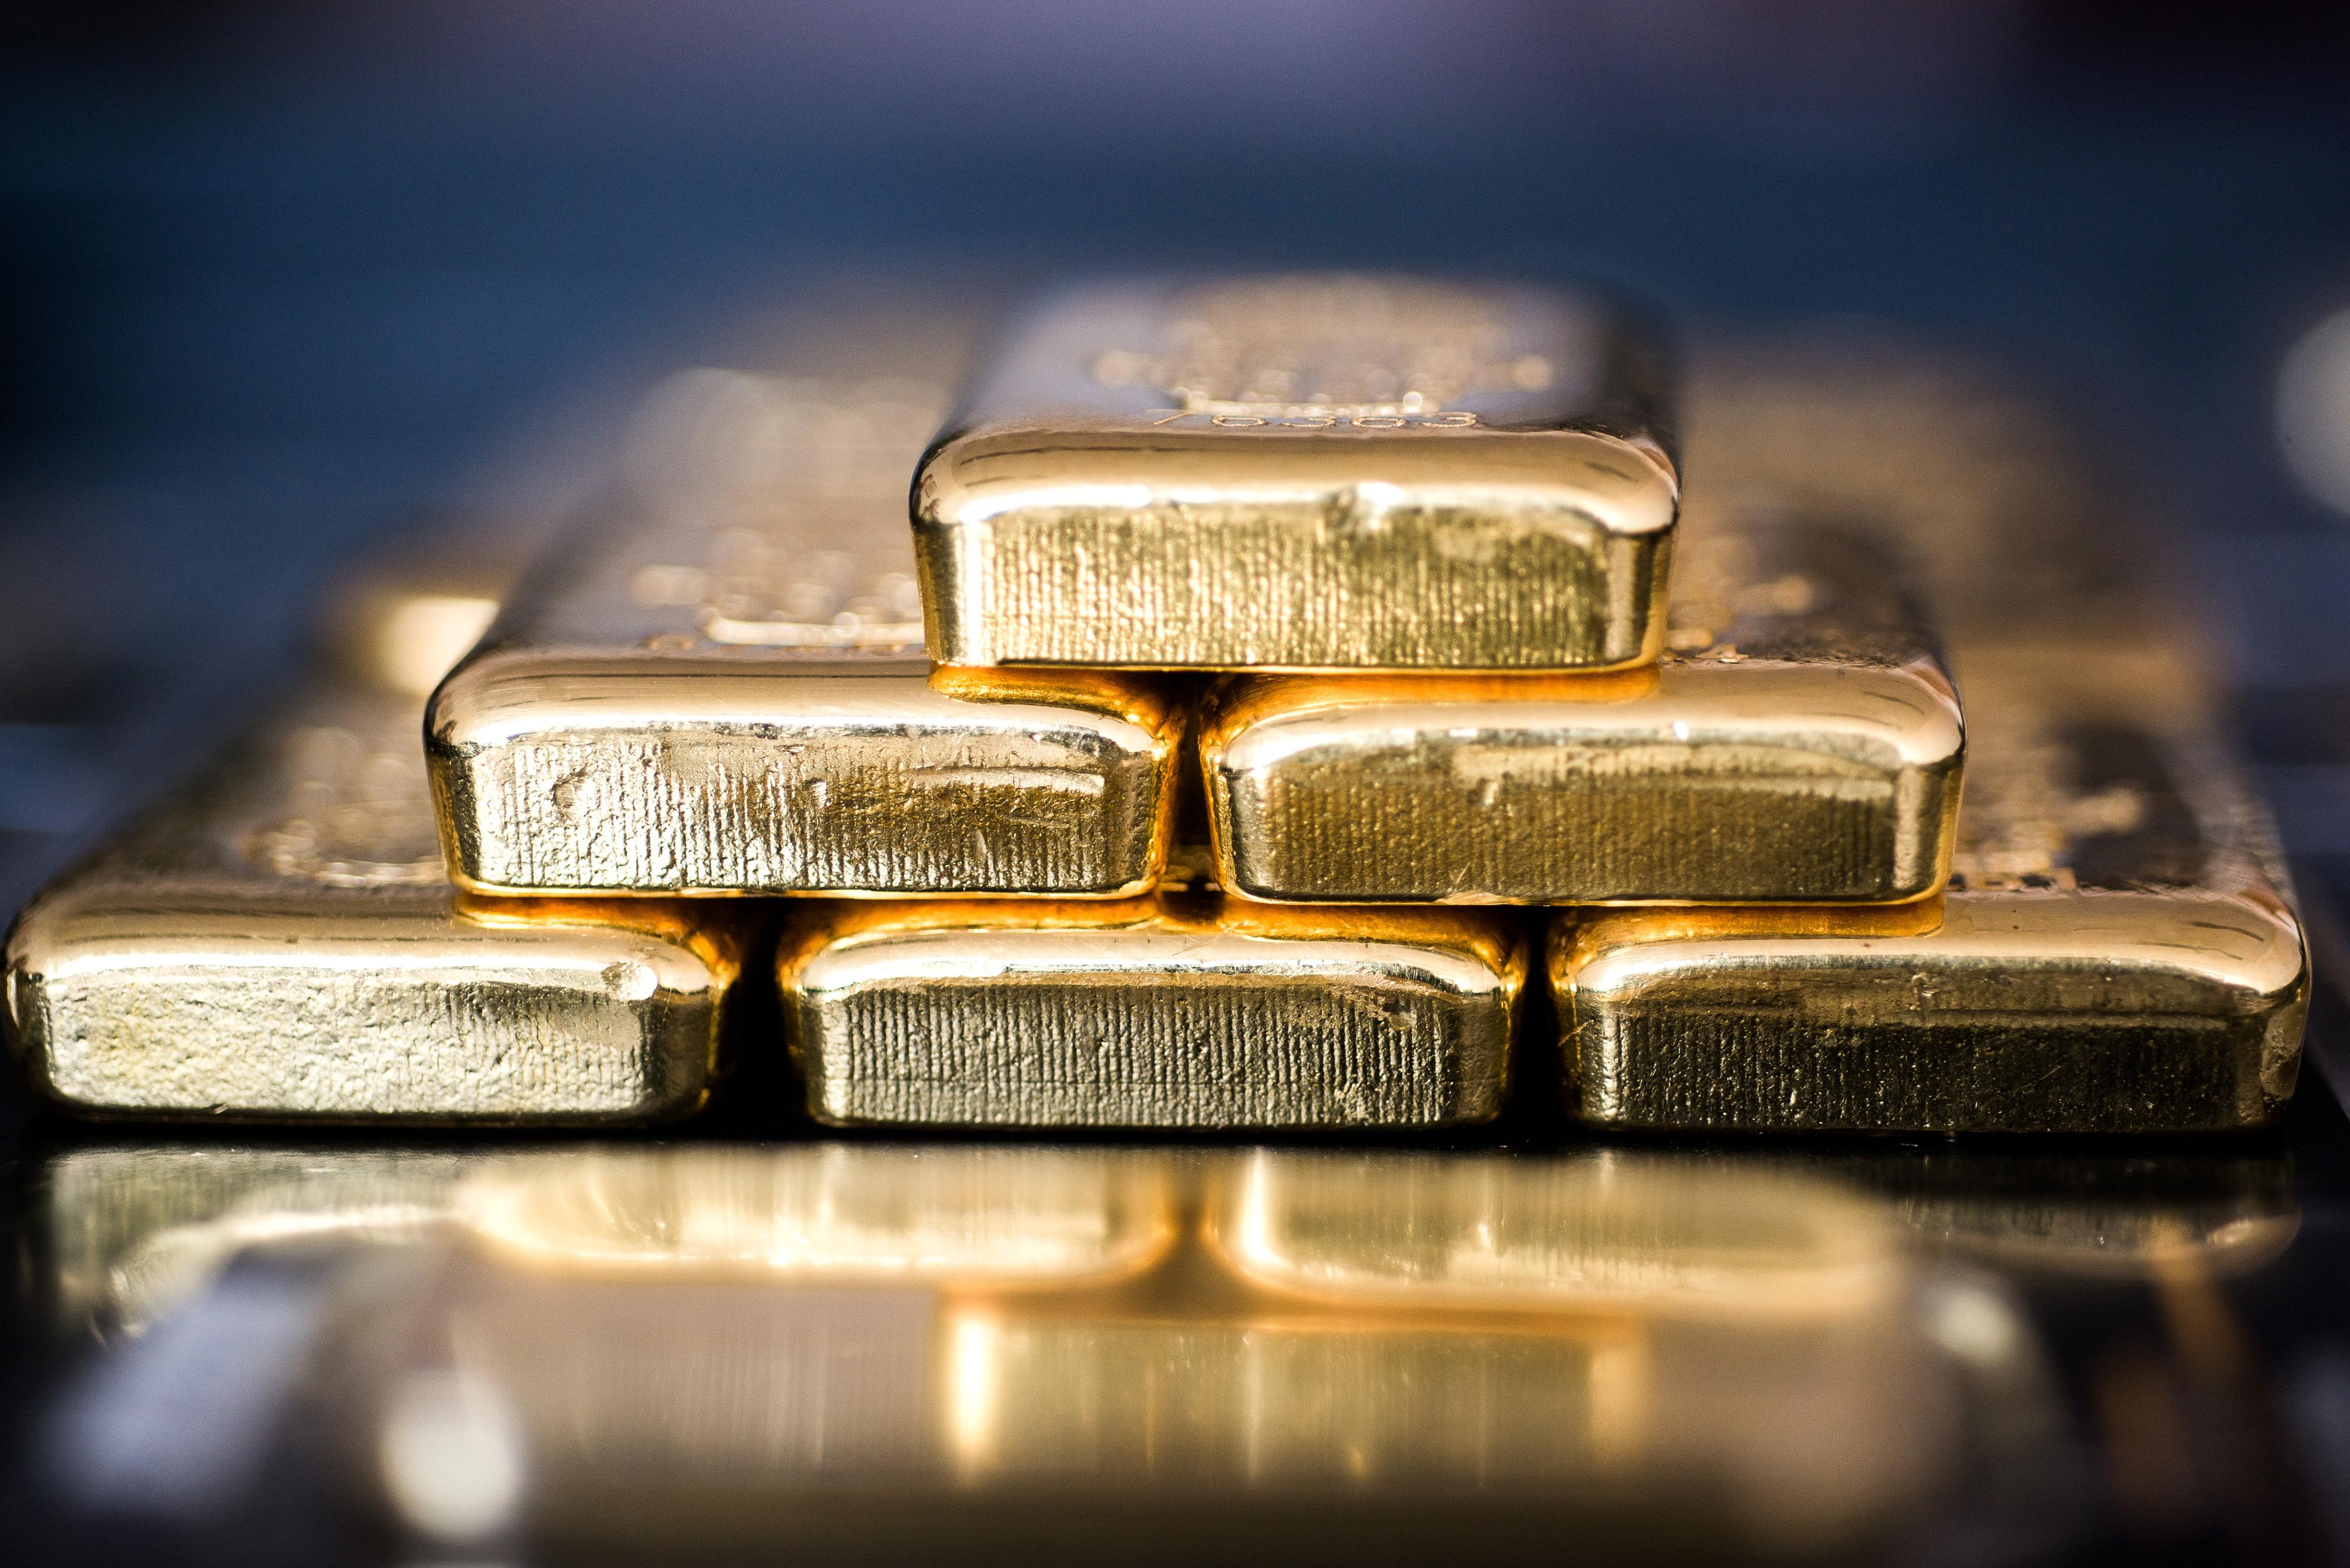 Taper時間或推遲,美債收益率下跌、美元回落,黃金多頭再迎上破良機